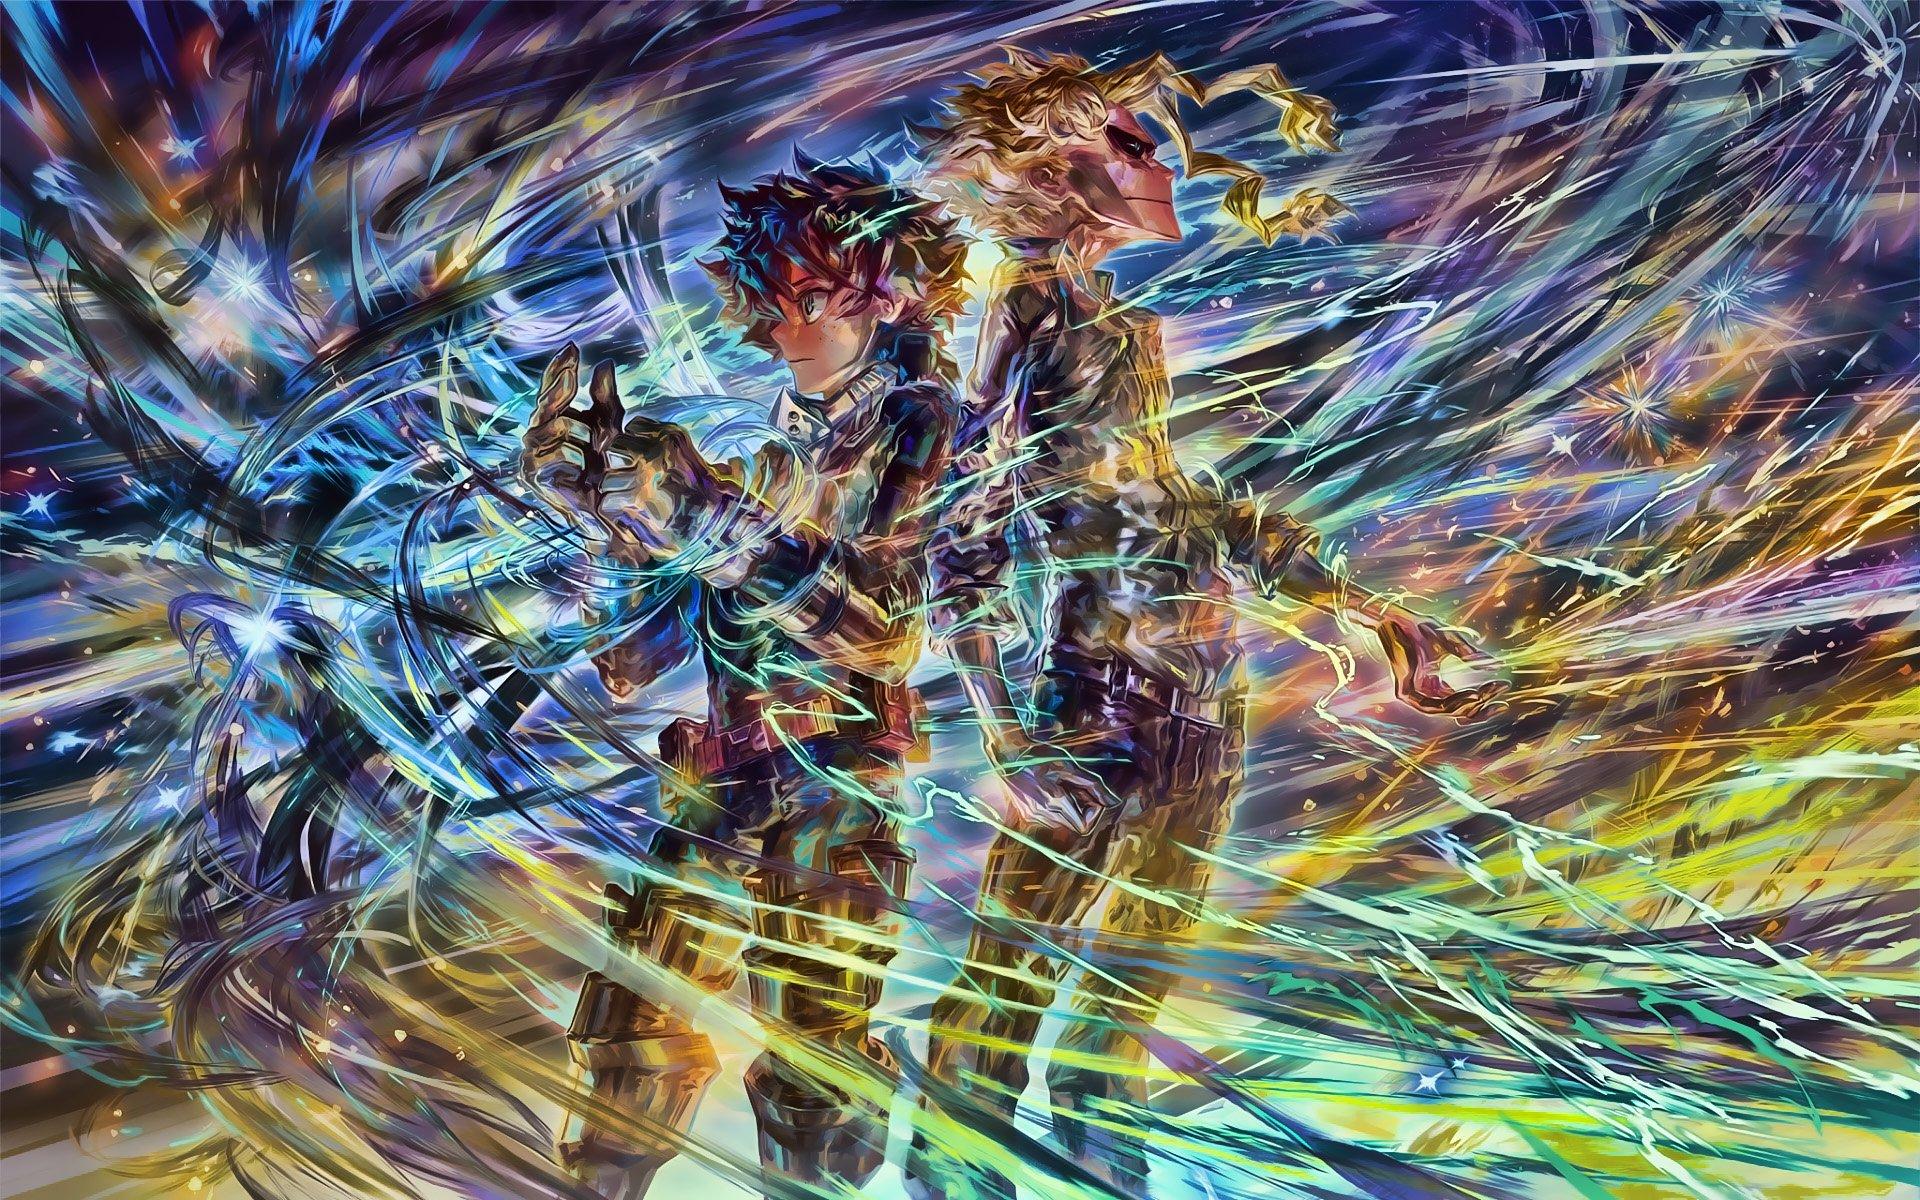 Fondos de pantalla Anime Toshinori Yagi y Izuku Midoriya de My hero Academia